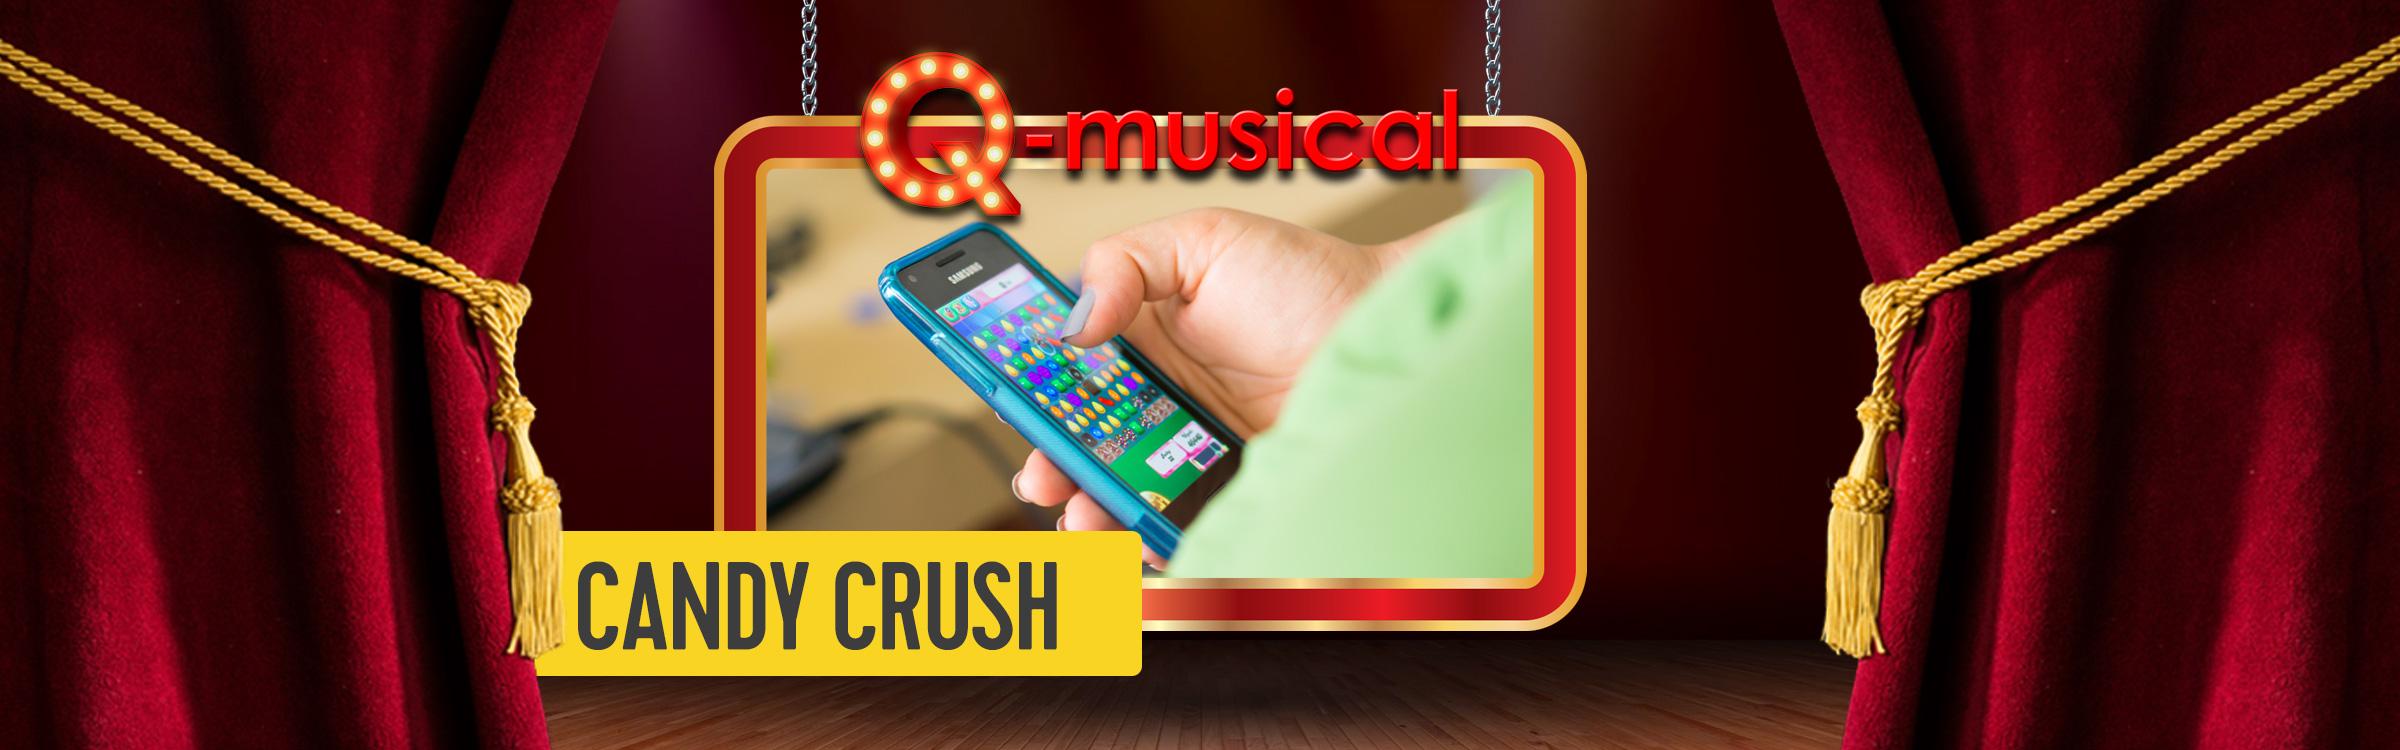 Cc q musical site thumb